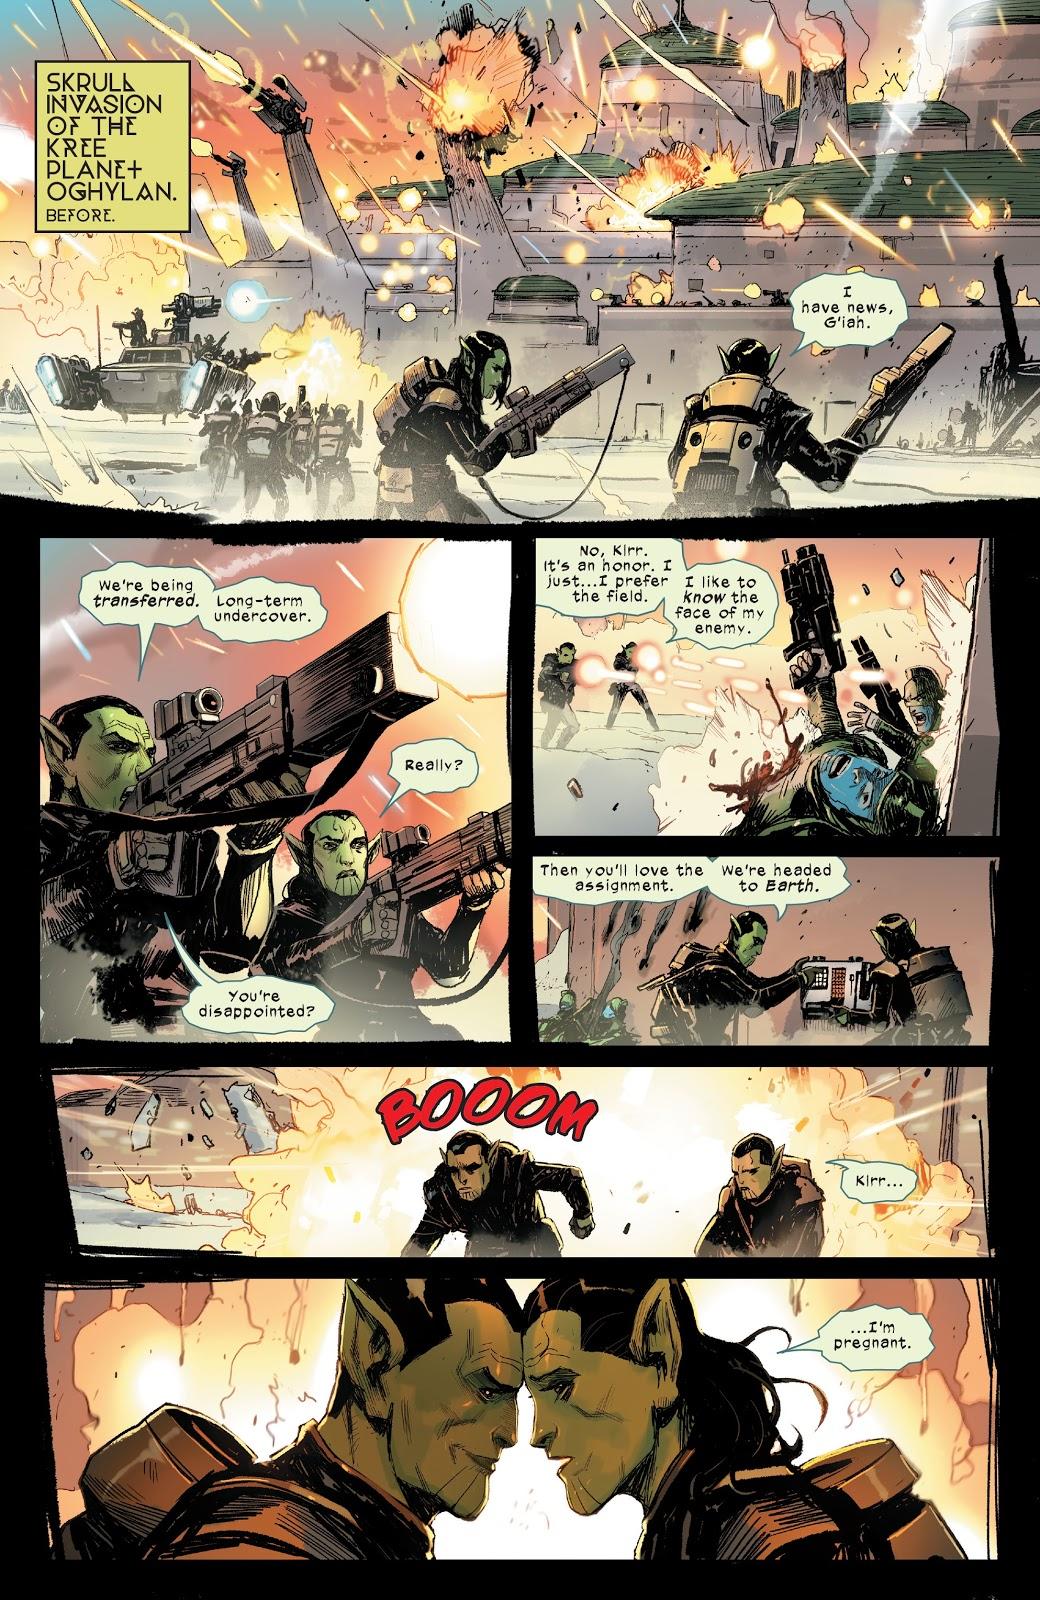 Зачем читать Meet the Skrulls? История осемье пришельцев-шпионов, скрывающихся наЗемле | Канобу - Изображение 3